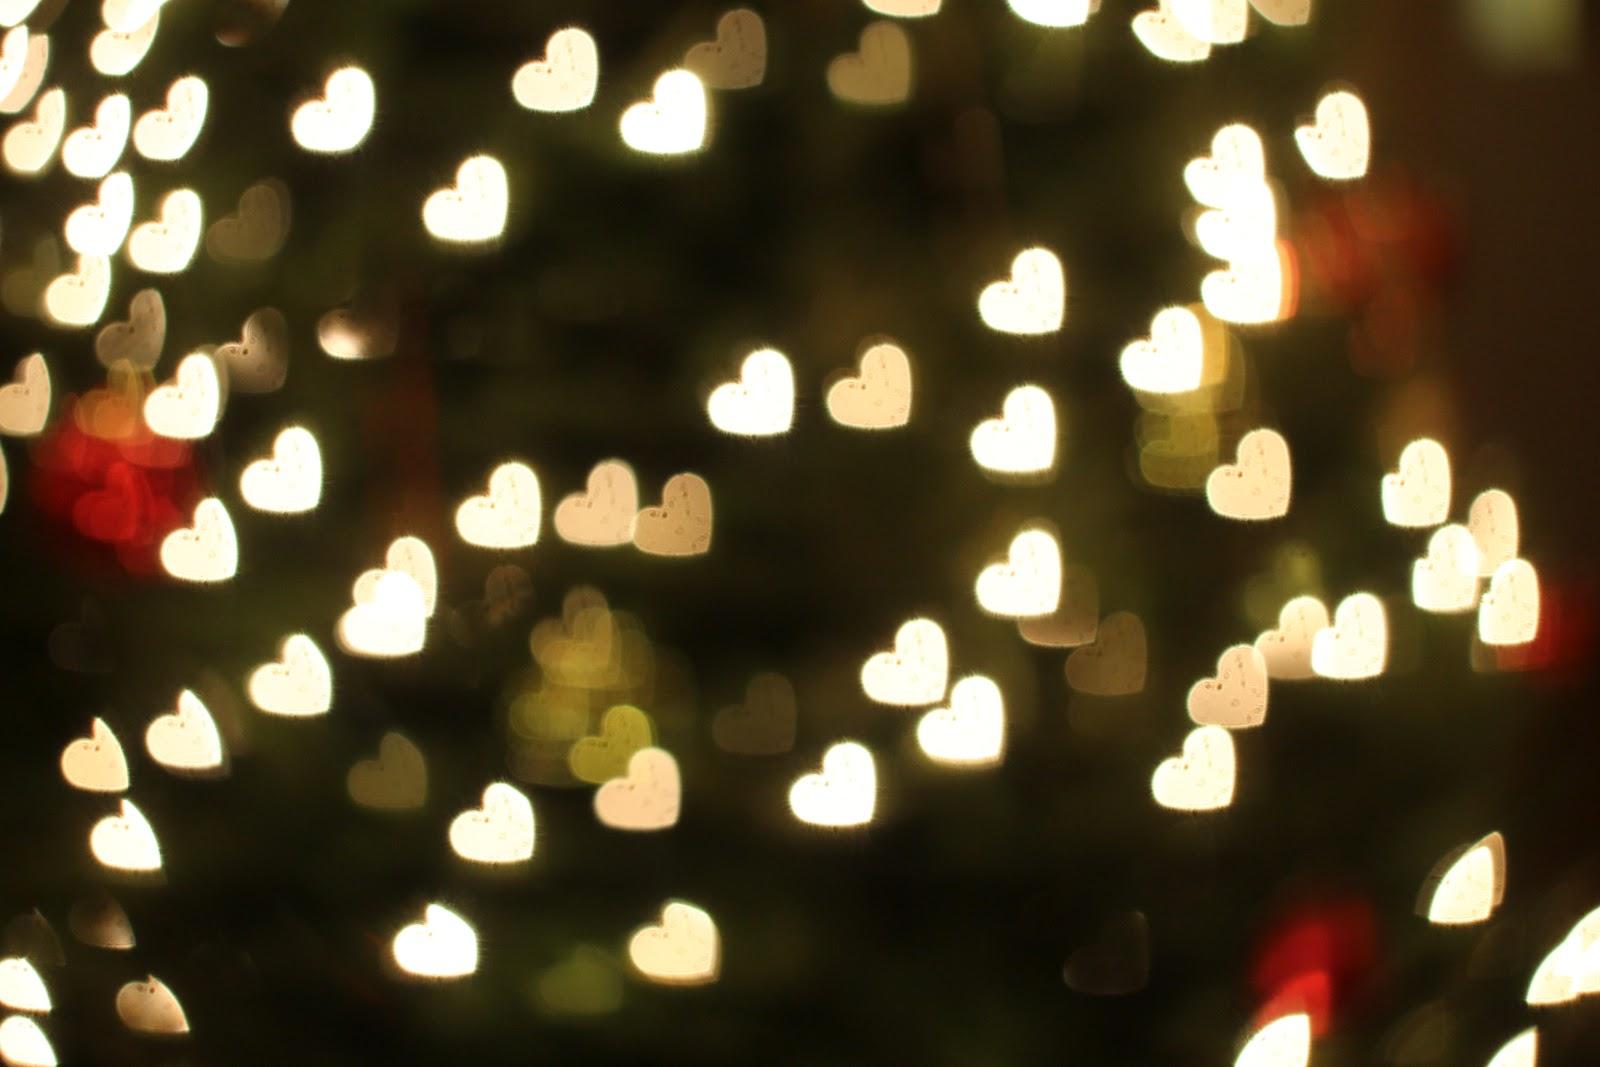 Random Twinkle Christmas Lights